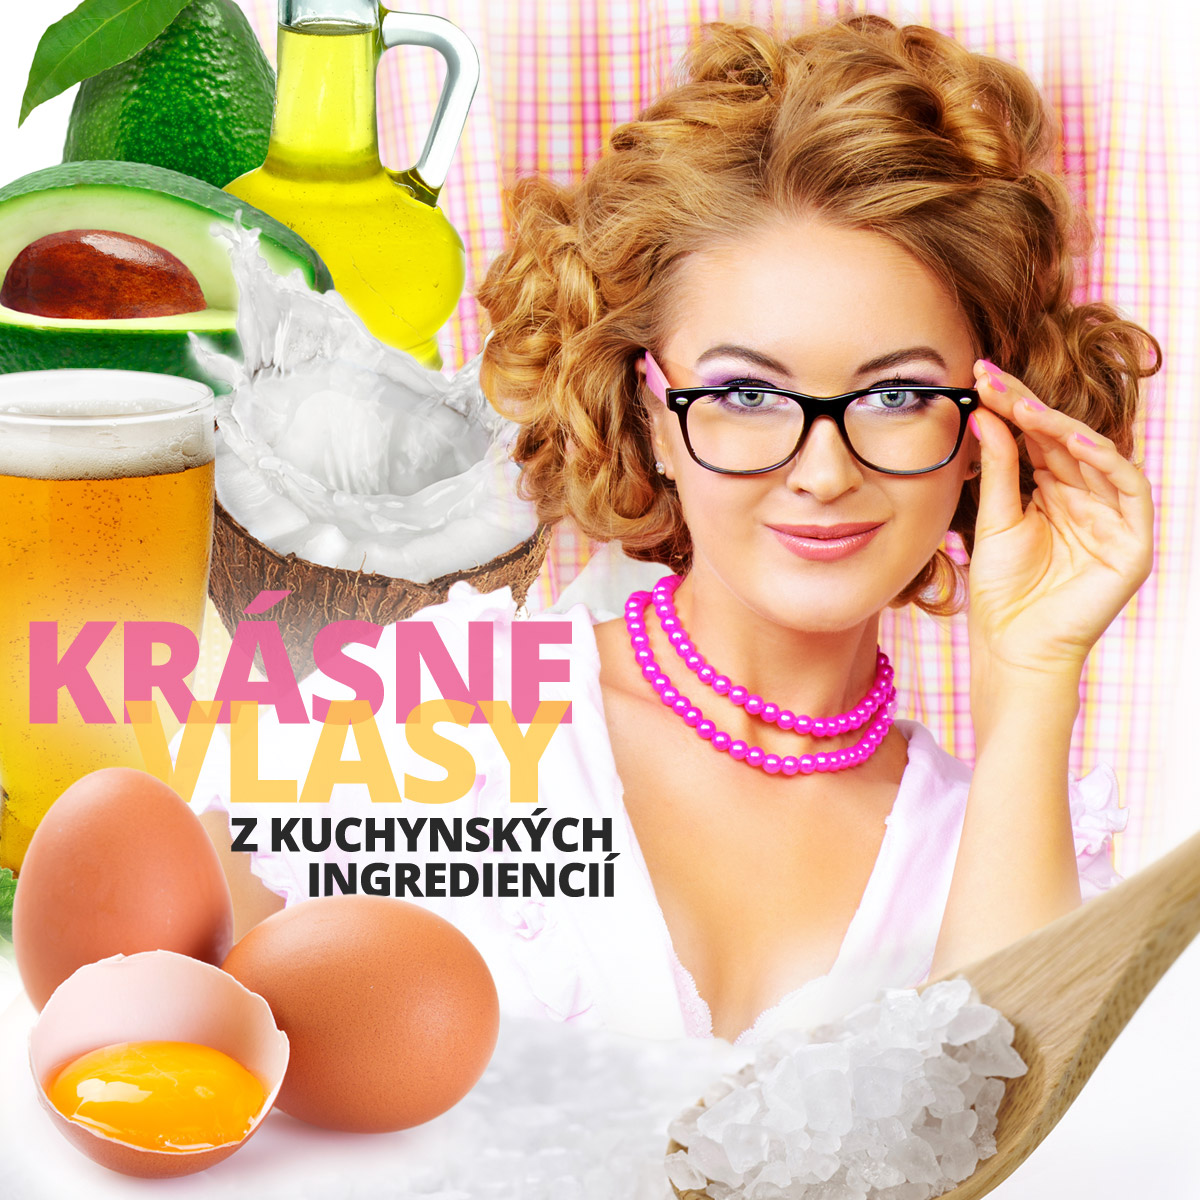 Krásne vlasy z obyčajných kuchynských ingrediencií. Olej, vajíčka, soľ, ocot, cesnak, cibuľa, citrón, pivo, alkohol, jogurt alebo avokádo vedia s vlasmi a s vlasovou pokožkou doslova zázraky.